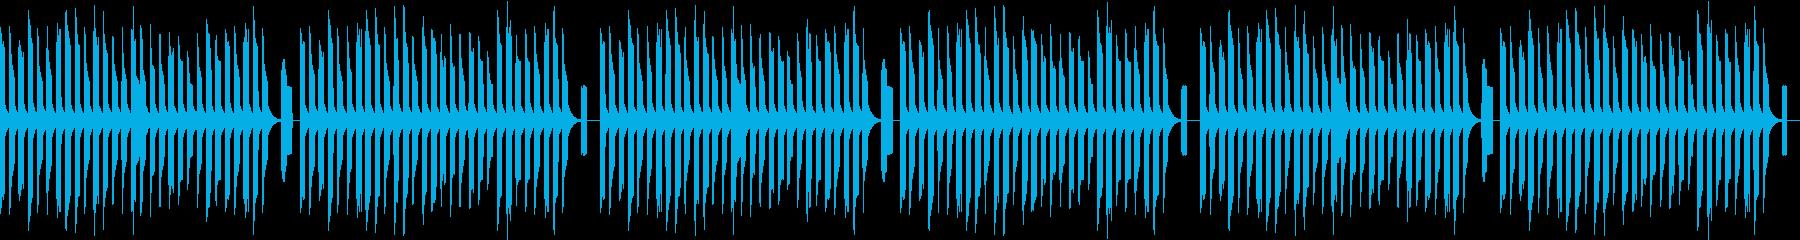 ファミコン風アクションゲームの再生済みの波形